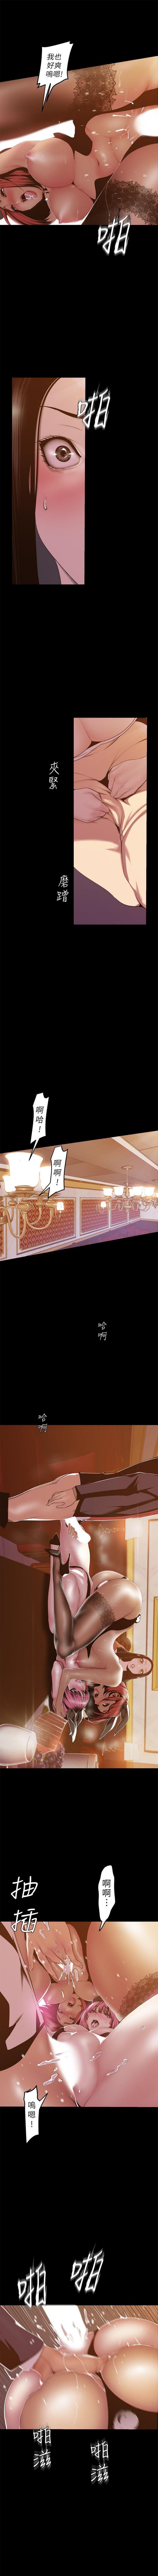 (週1)美麗新世界 1-76 中文翻譯 (更新中) 571